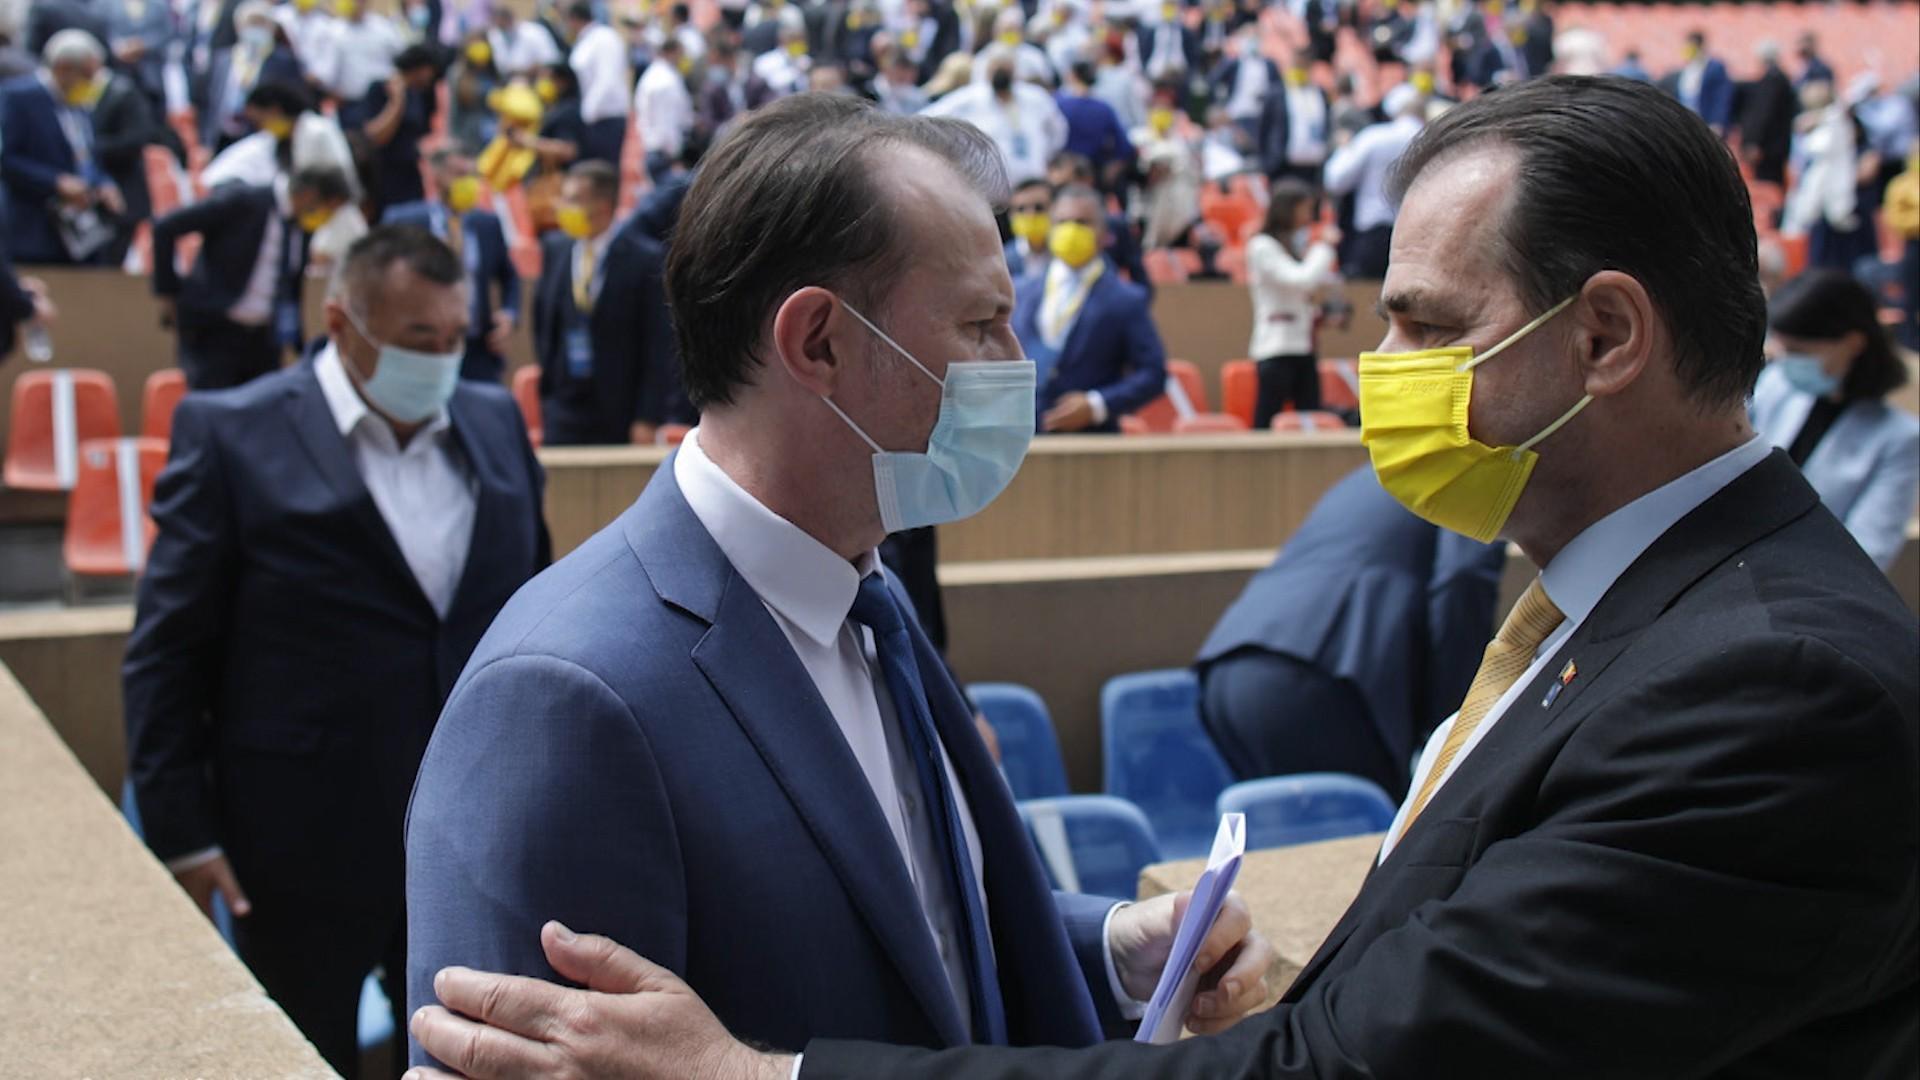 Partidul nu va susţine un guvern condus de Cioloş / Cîţu vrea să se împace cu Orban